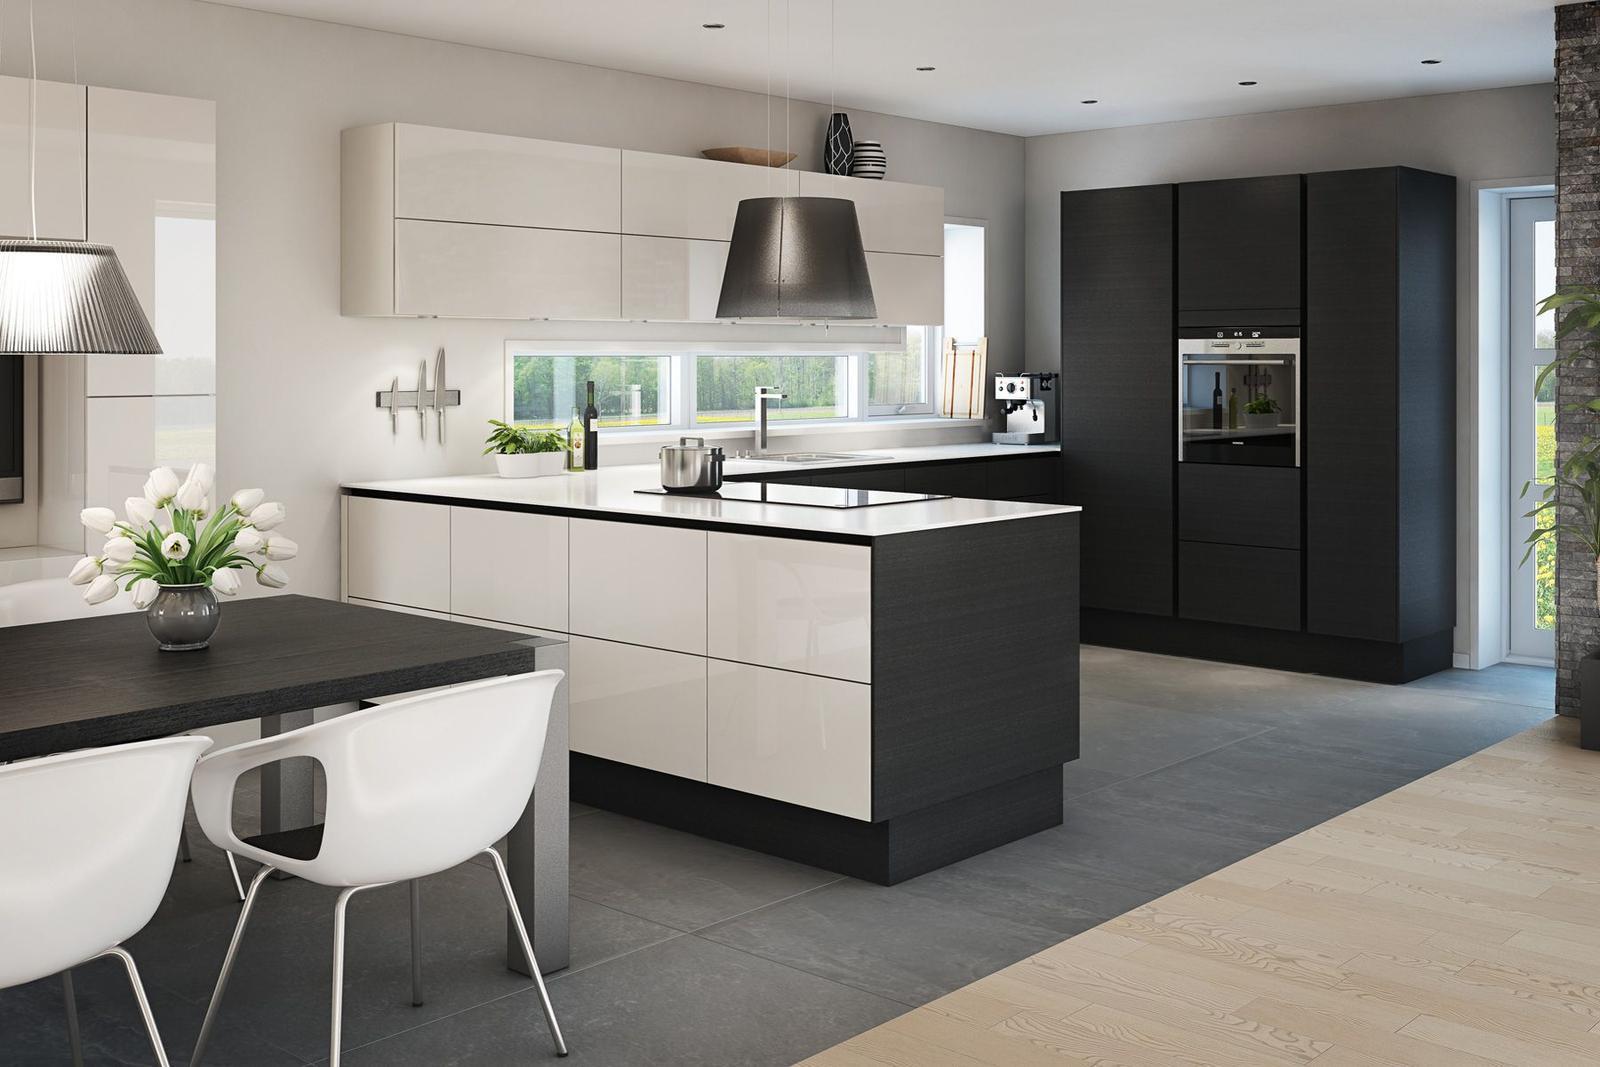 Moderné interiéry,v ktorých sa budete cítiť príjemne - Obrázok č. 25